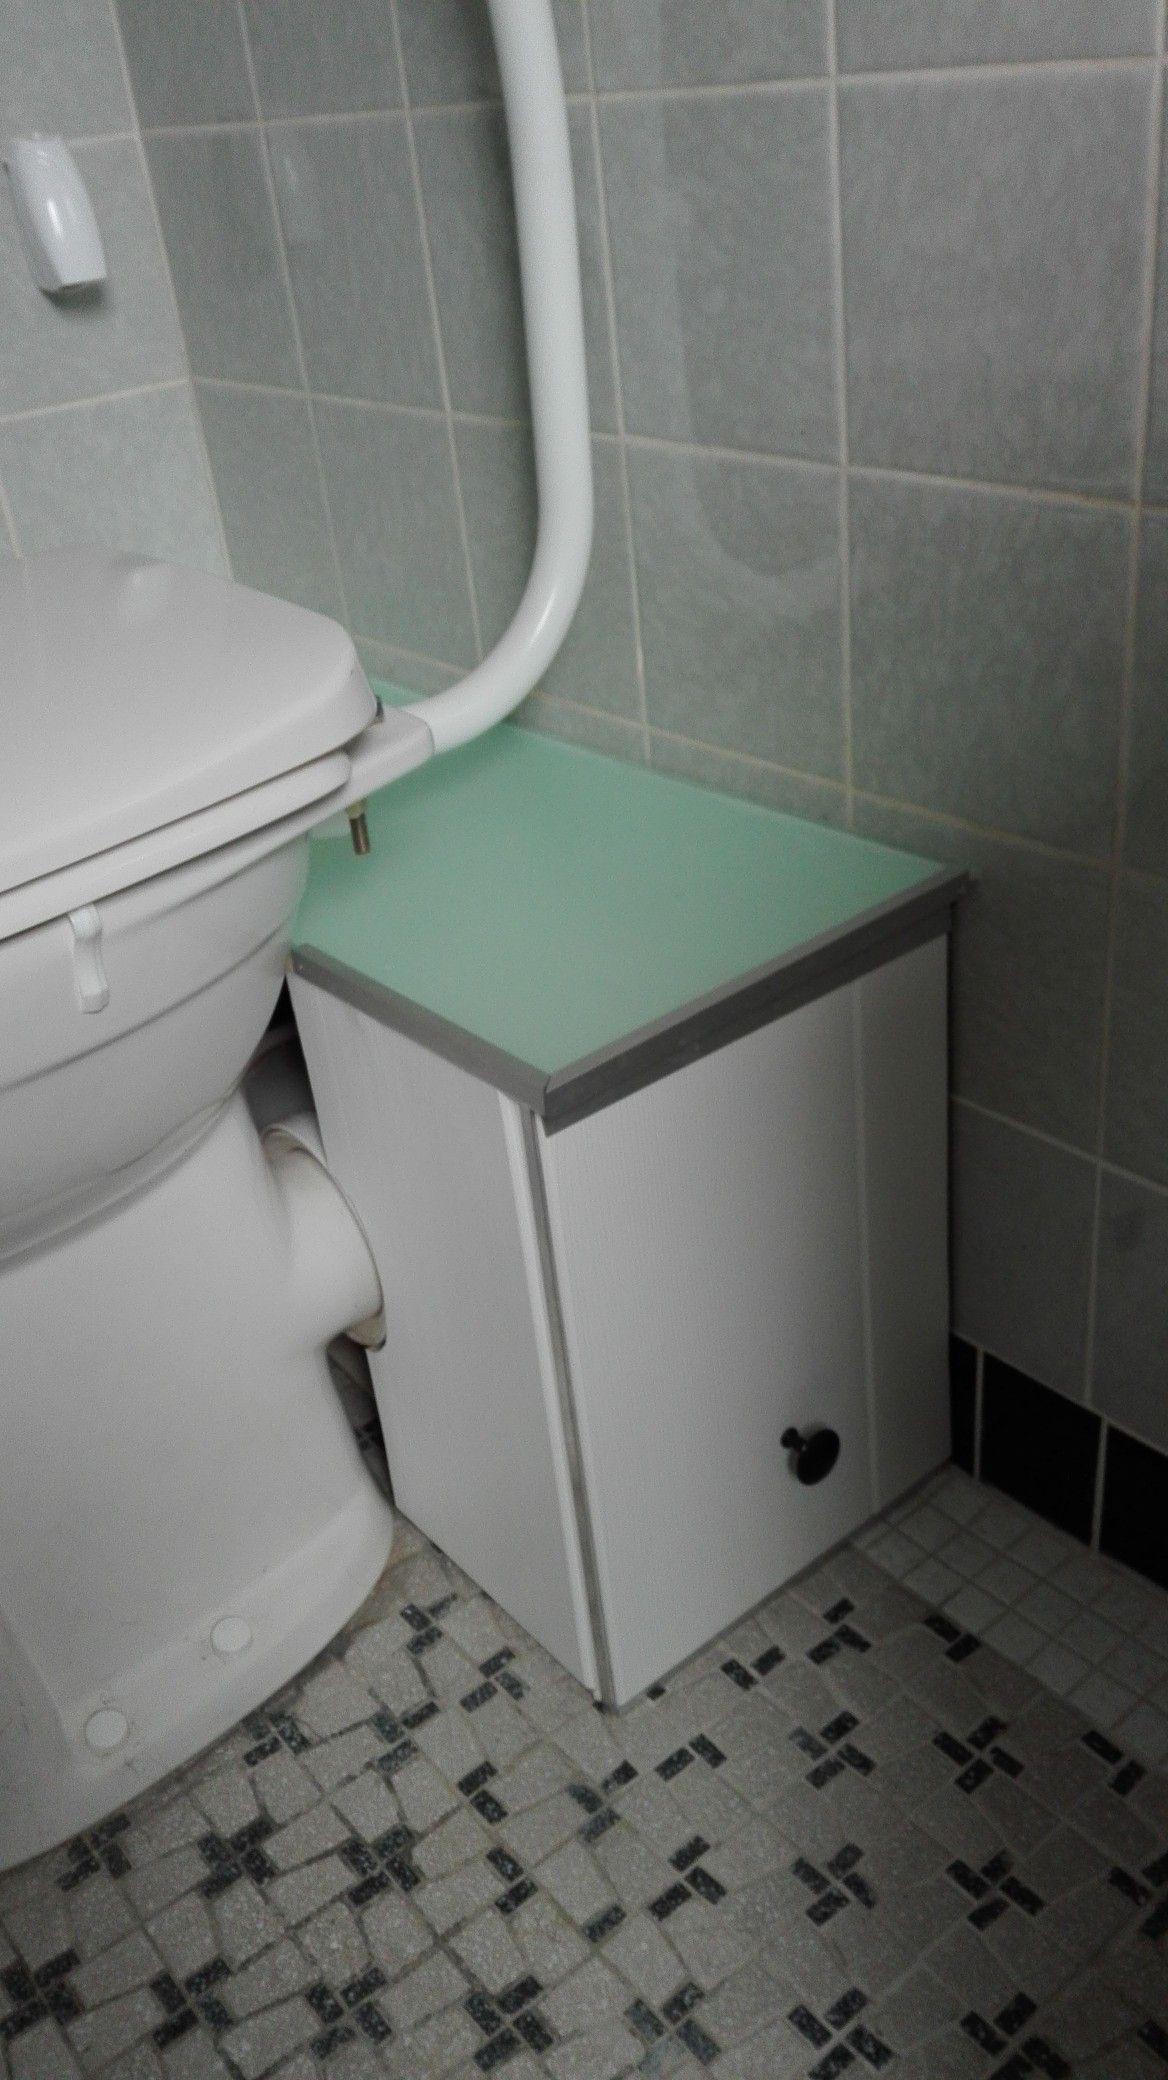 Abflussrohr Verkleiden Mit Putzmittelfach Rohre Verkleiden Badezimmer Rohre